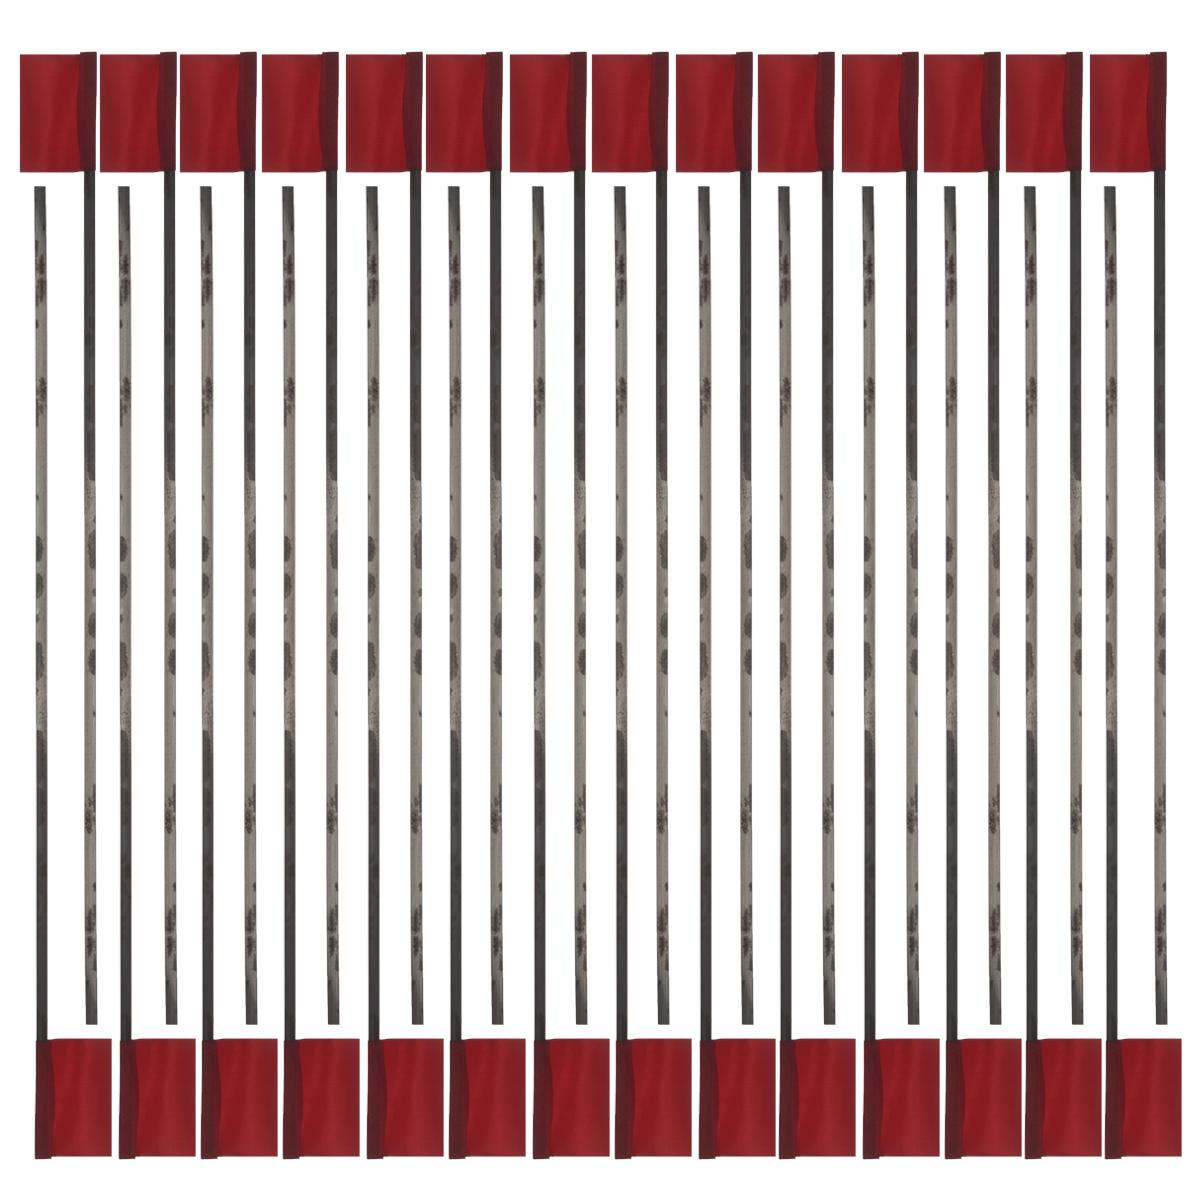 Флажок для жерлиц РОСТ, 100 шт13-16-876Флажок для жерлиц - необходимый атрибут для зимней рыбалки. Изделие изготовлено из гибкой металлической основы и собственно флажка, выполненного из плотной блестящей ткани красного цвета.